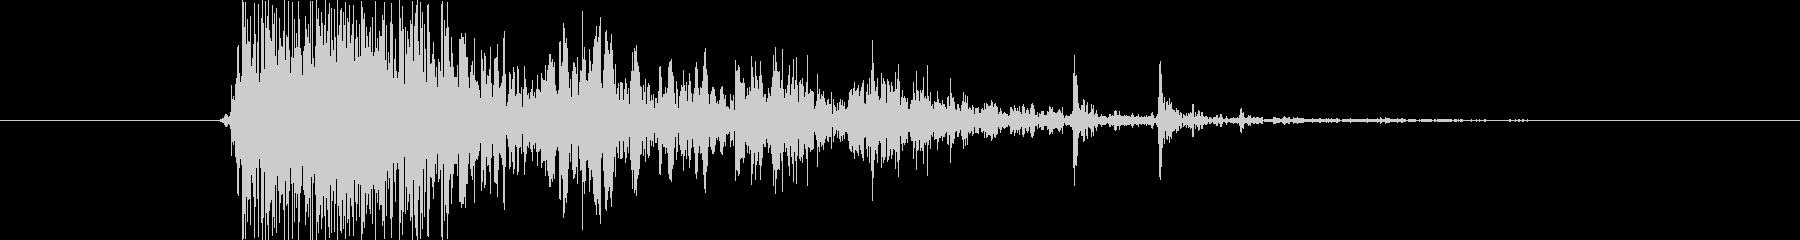 ブレーク ウッドスモール02の未再生の波形